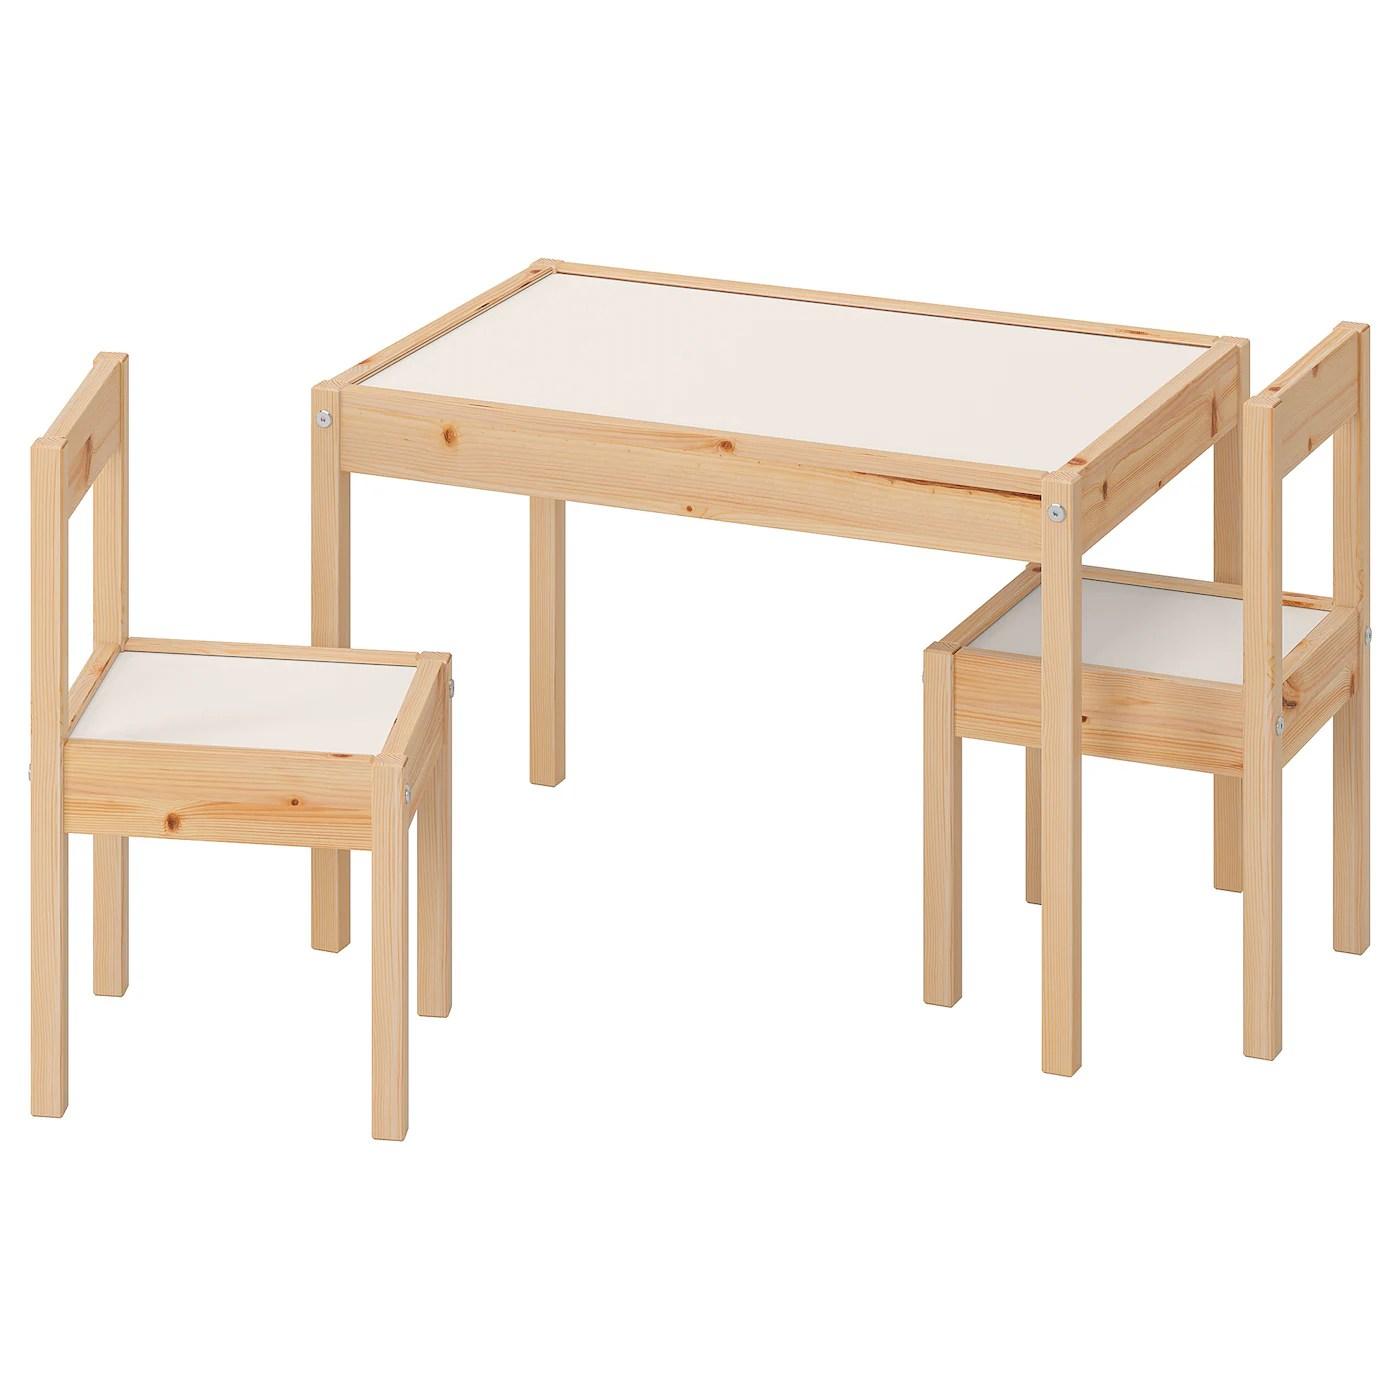 Latt Children S Table And 2 Chairs White Pine Ikea